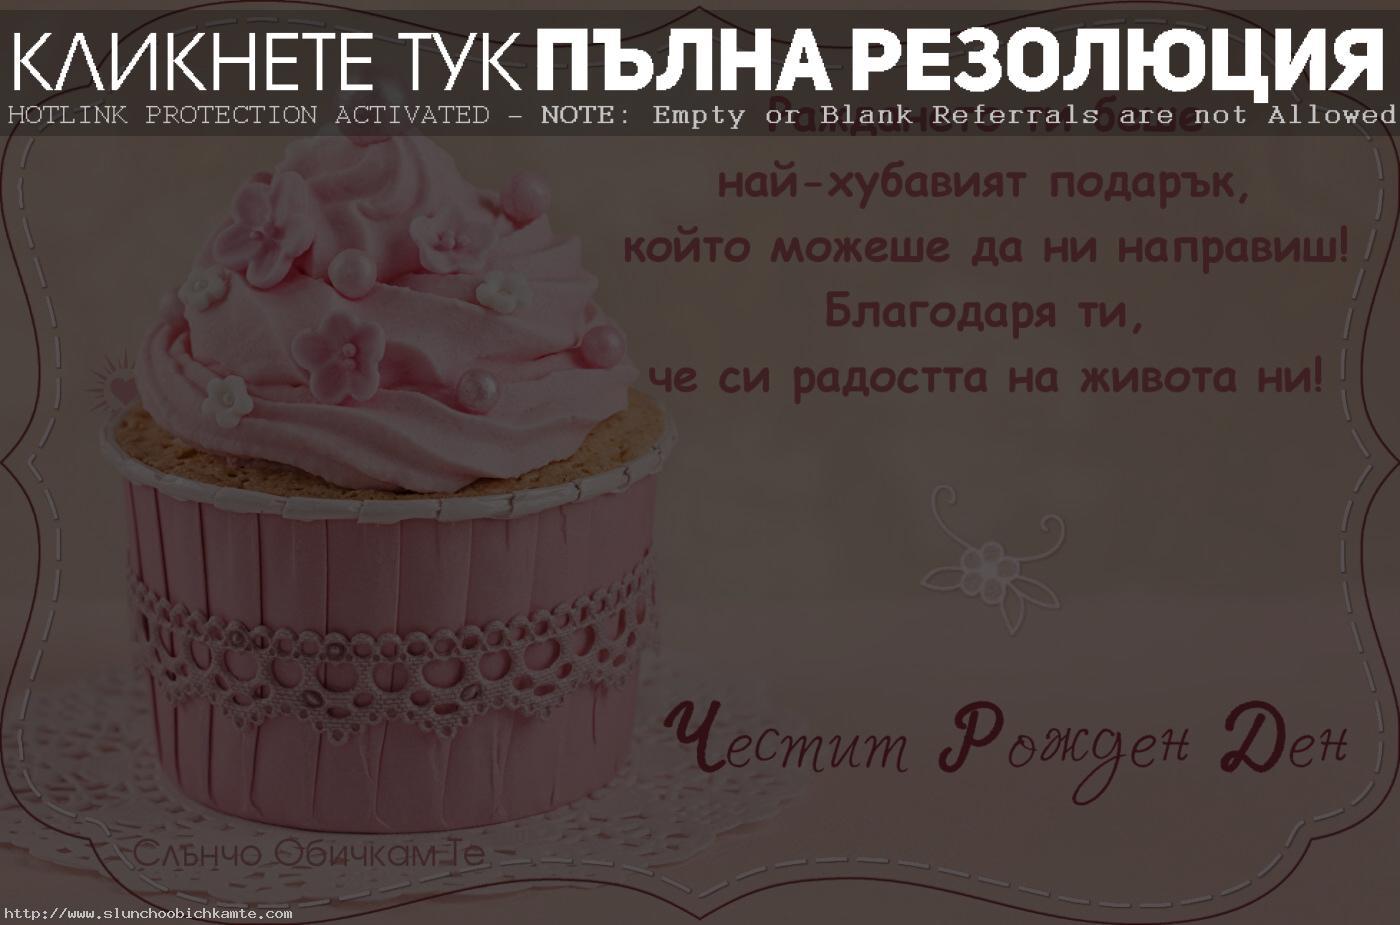 Честит рожден ден на дъщеря ни - Раждането ти беше най-хубавият подарък, който можеше да ни направиш - Картички с пожелания за рожден ден за дъщеря, щерка, момиченце